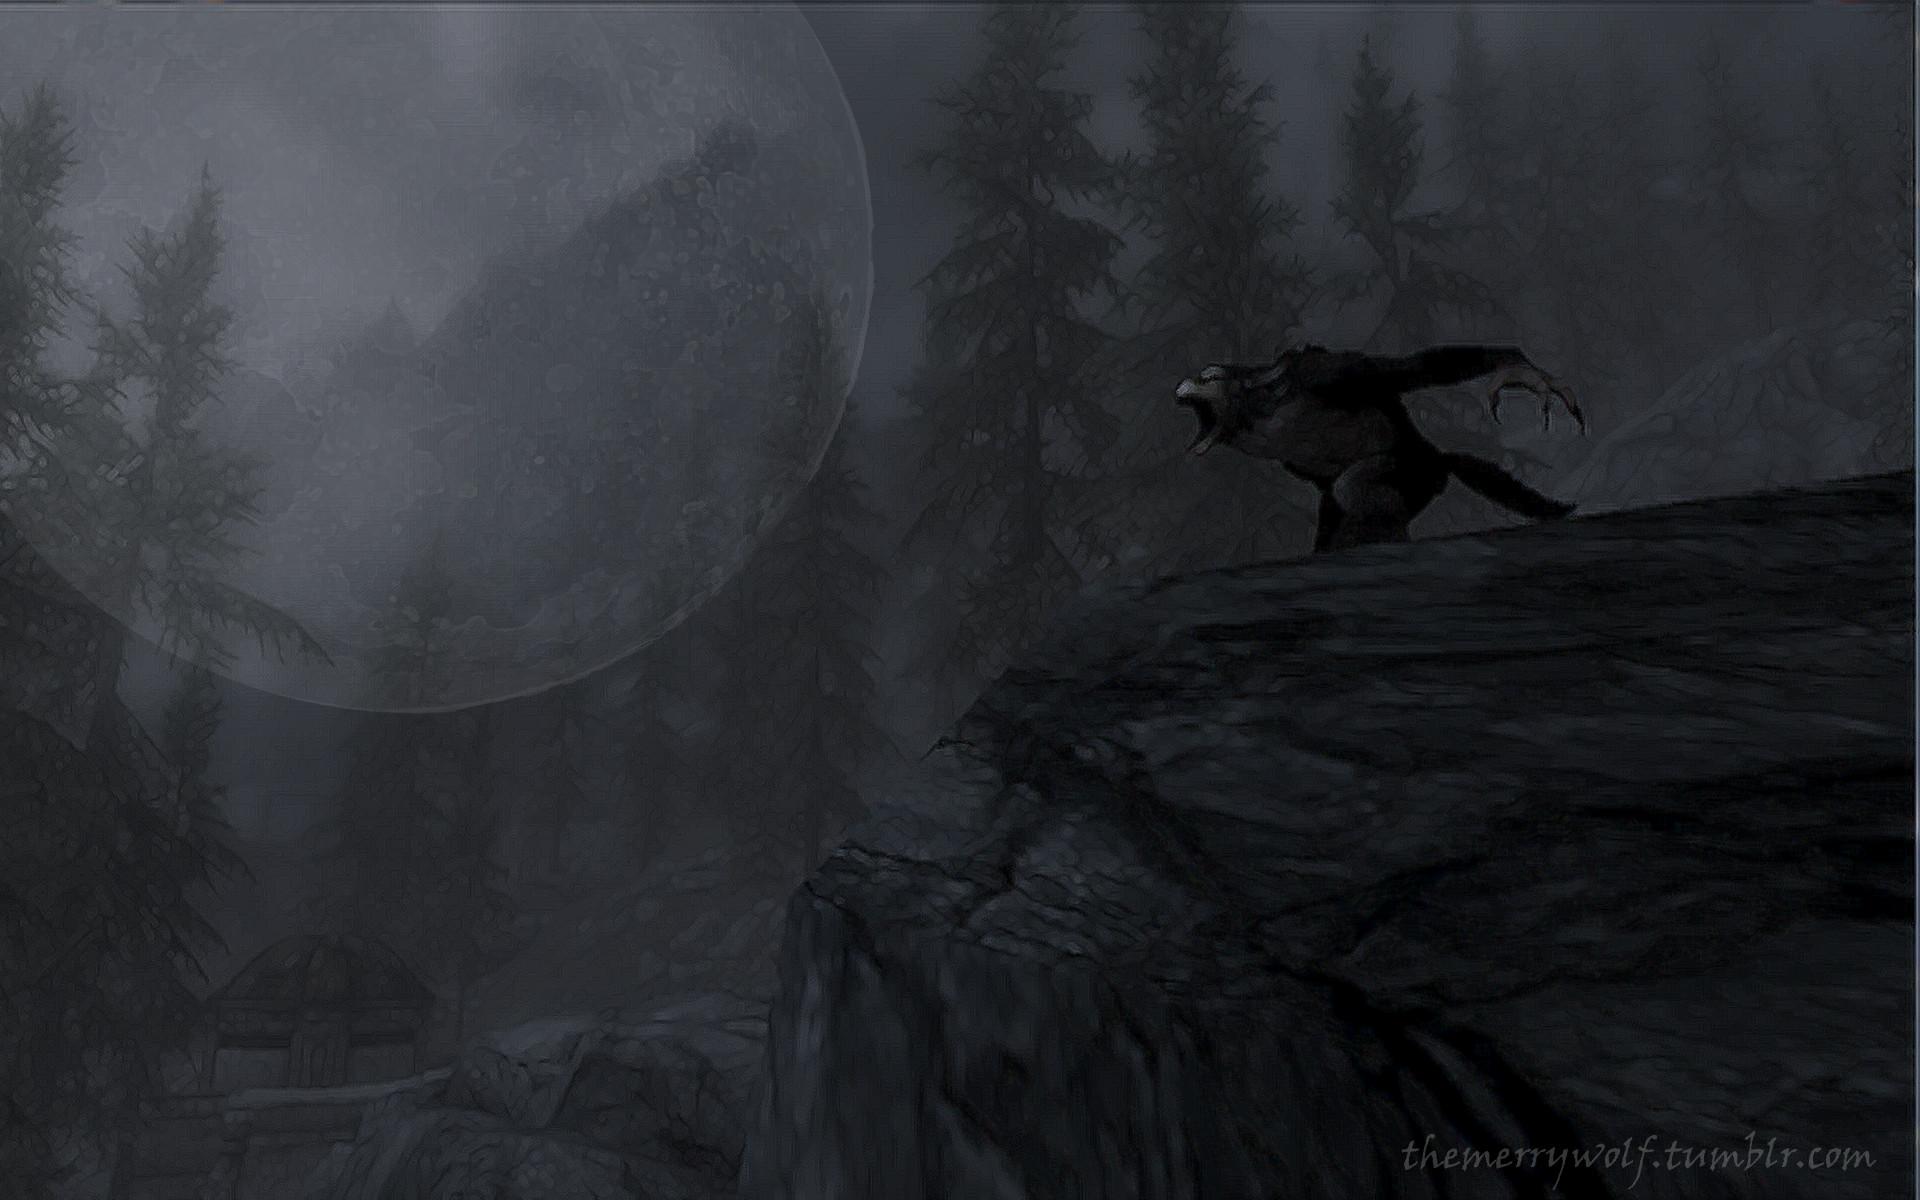 Skyrim Werewolf Wallpaper by TheMerryWolf Skyrim Werewolf Wallpaper by  TheMerryWolf